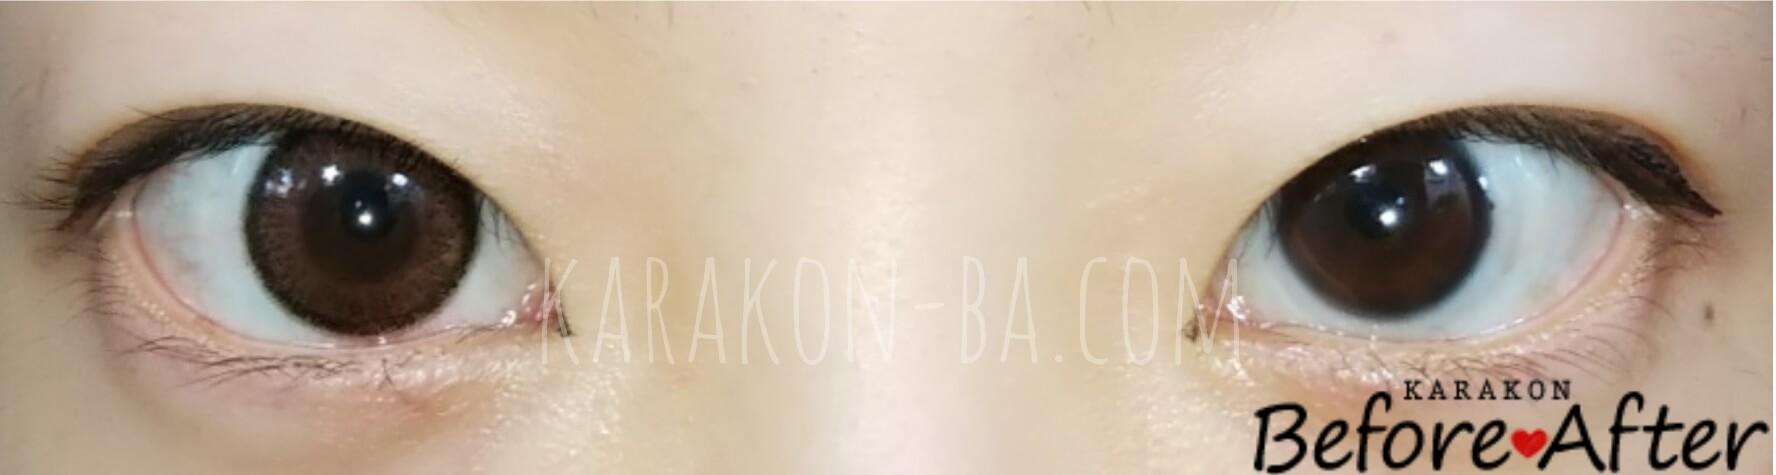 アプリコットブラウンのカラコン装着画像/裸眼と比較